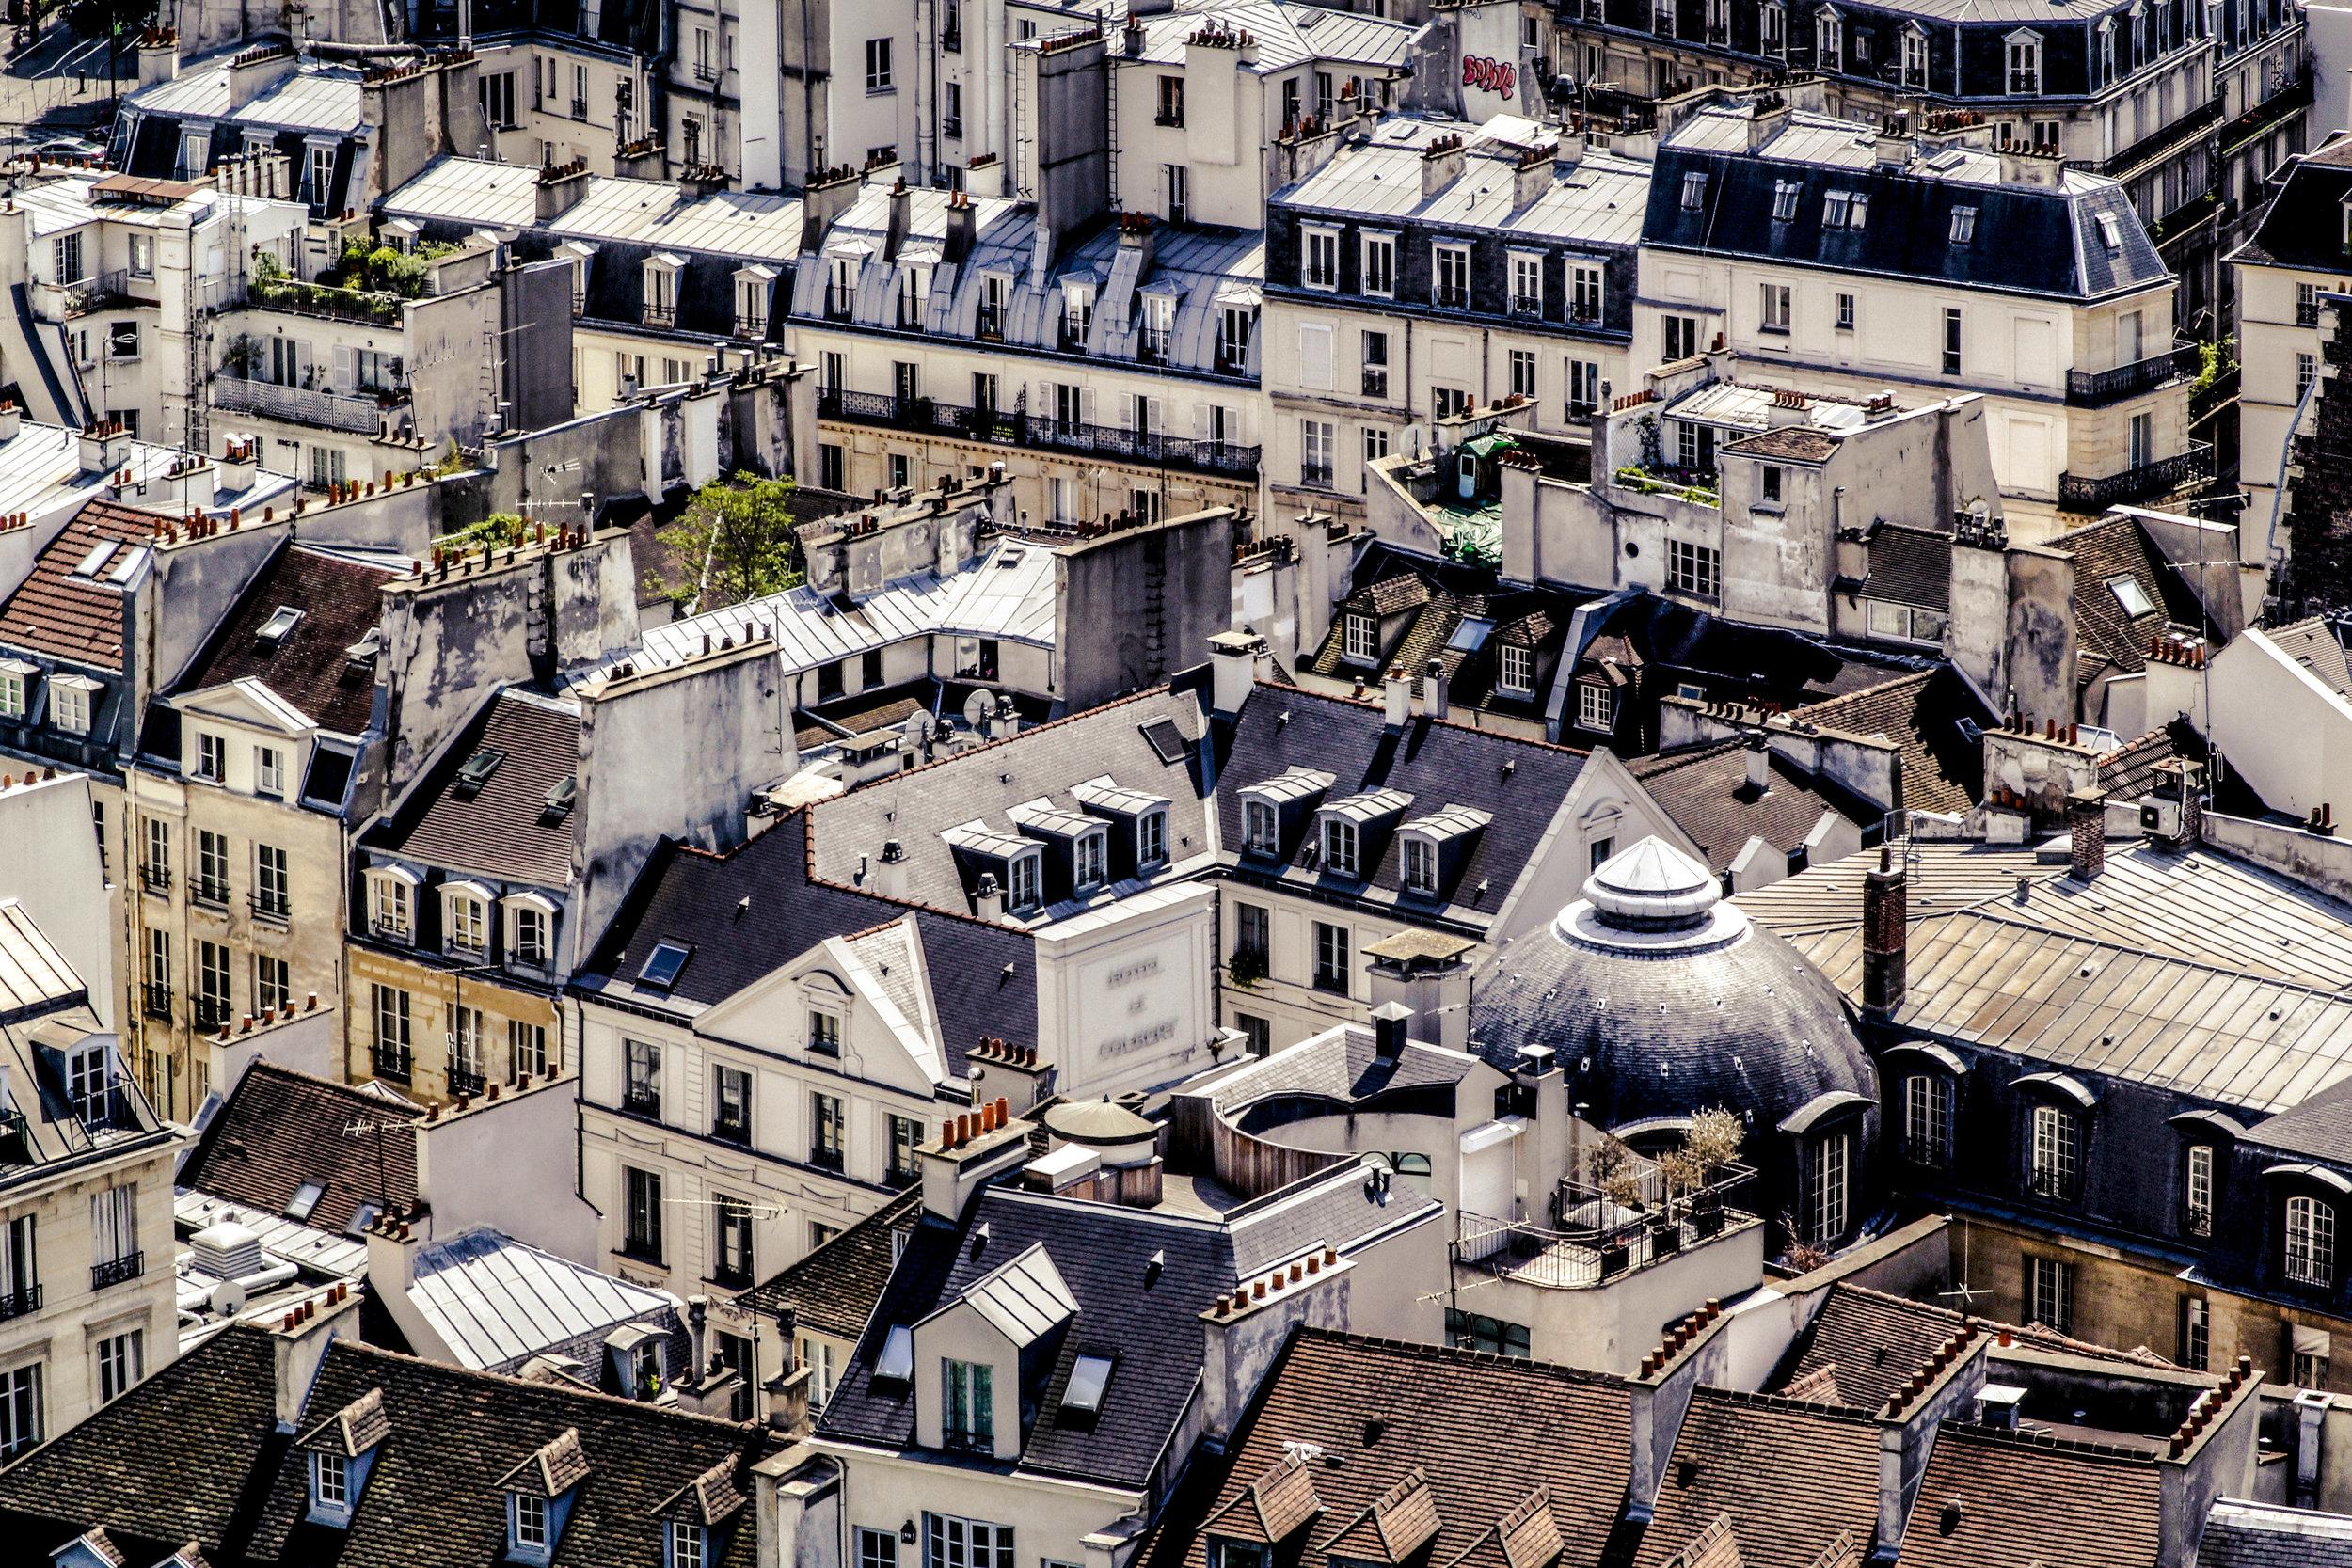 2015 Parisian Rooftops 72 dpi.jpg